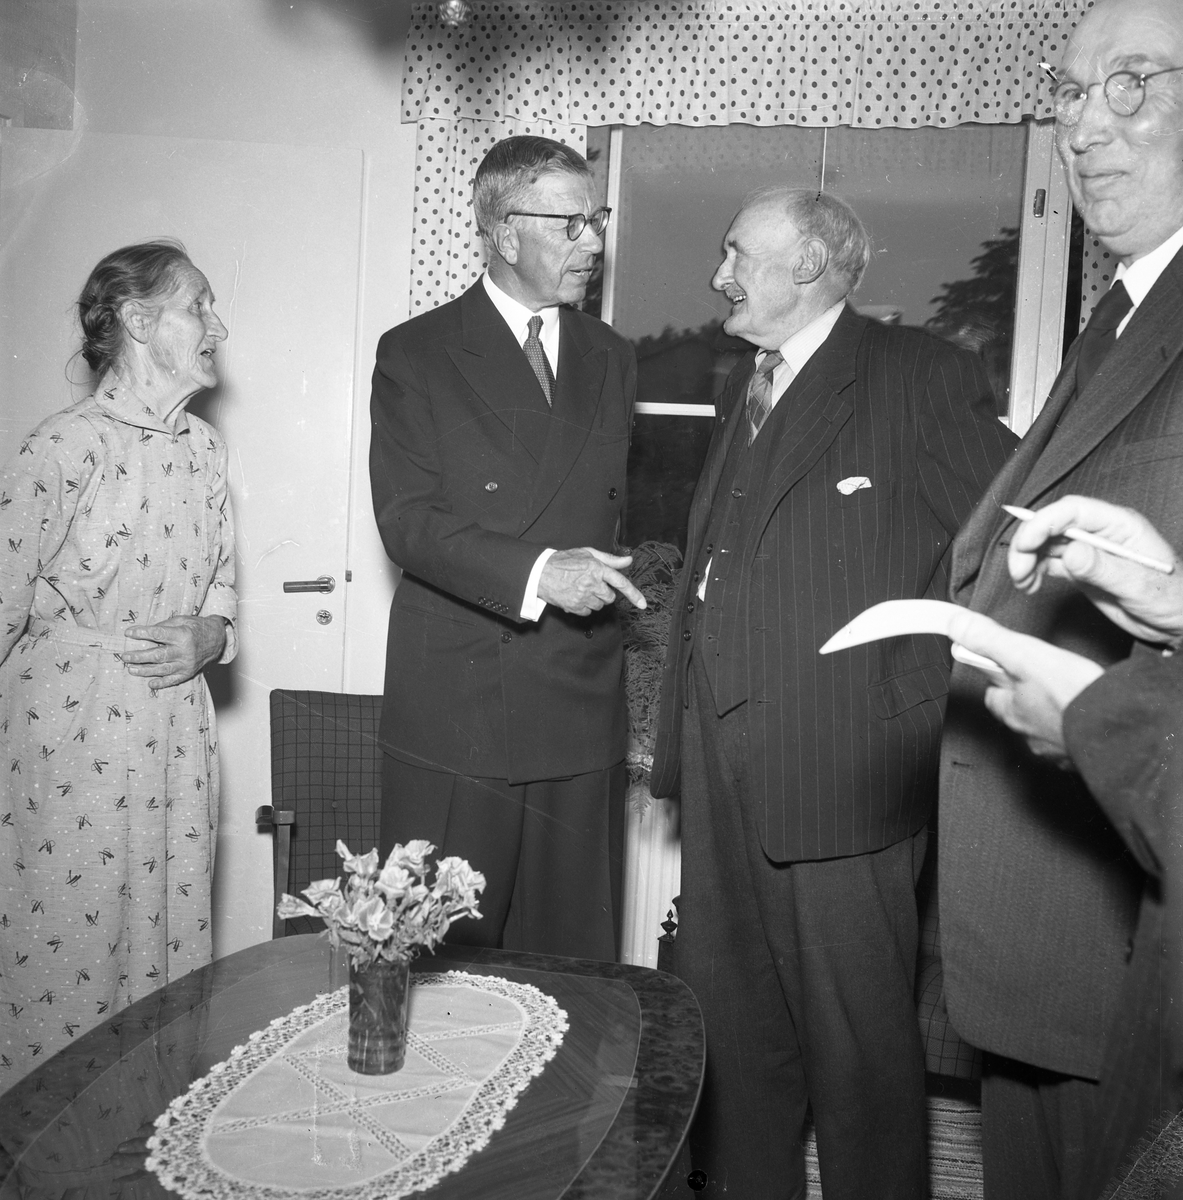 """Konung Gustaf Vl Adolf är på Eriksgata. Här besöker han det första pensionärshemmet i kvarteret Stabbaren. Det äldre paret, som får kungligt besök, är Albertina och Oscar Teodor Carlsson (""""Bom-Calle""""). De är föräldrar till stadsfullmäktiges ordförande, Jonas Carlsson och därmed fotograf Reinhold Carlssons farmor och farfar. Längst till höger ses Gustaf Johansson, (""""Murar-Gustaf""""). Pensionärshemmet räknas som ett av de modernaste i landet. Här finns tolv lägenheter om ett rum och kokvrå för 45 kronor i månaden och sex lägenheter om två rum med kokvrå för 60 kronor i månaden. El och vatten ingår i hyran. För värdskapet, under konungens besök, svarade stadsfullmäktiges ordförande Jonas Carlsson och kommunalborgmästare Danliel Ekelund. Den organisationskommitté som ansvarade för arrangemangen, hade hos drätselkammaren begärt en summa av 3000 kronor för att täcka kostnaderna vid kungabesöket. Beloppet beviljades.  Tiden för kungens besök var beräknad till 130 minuter."""